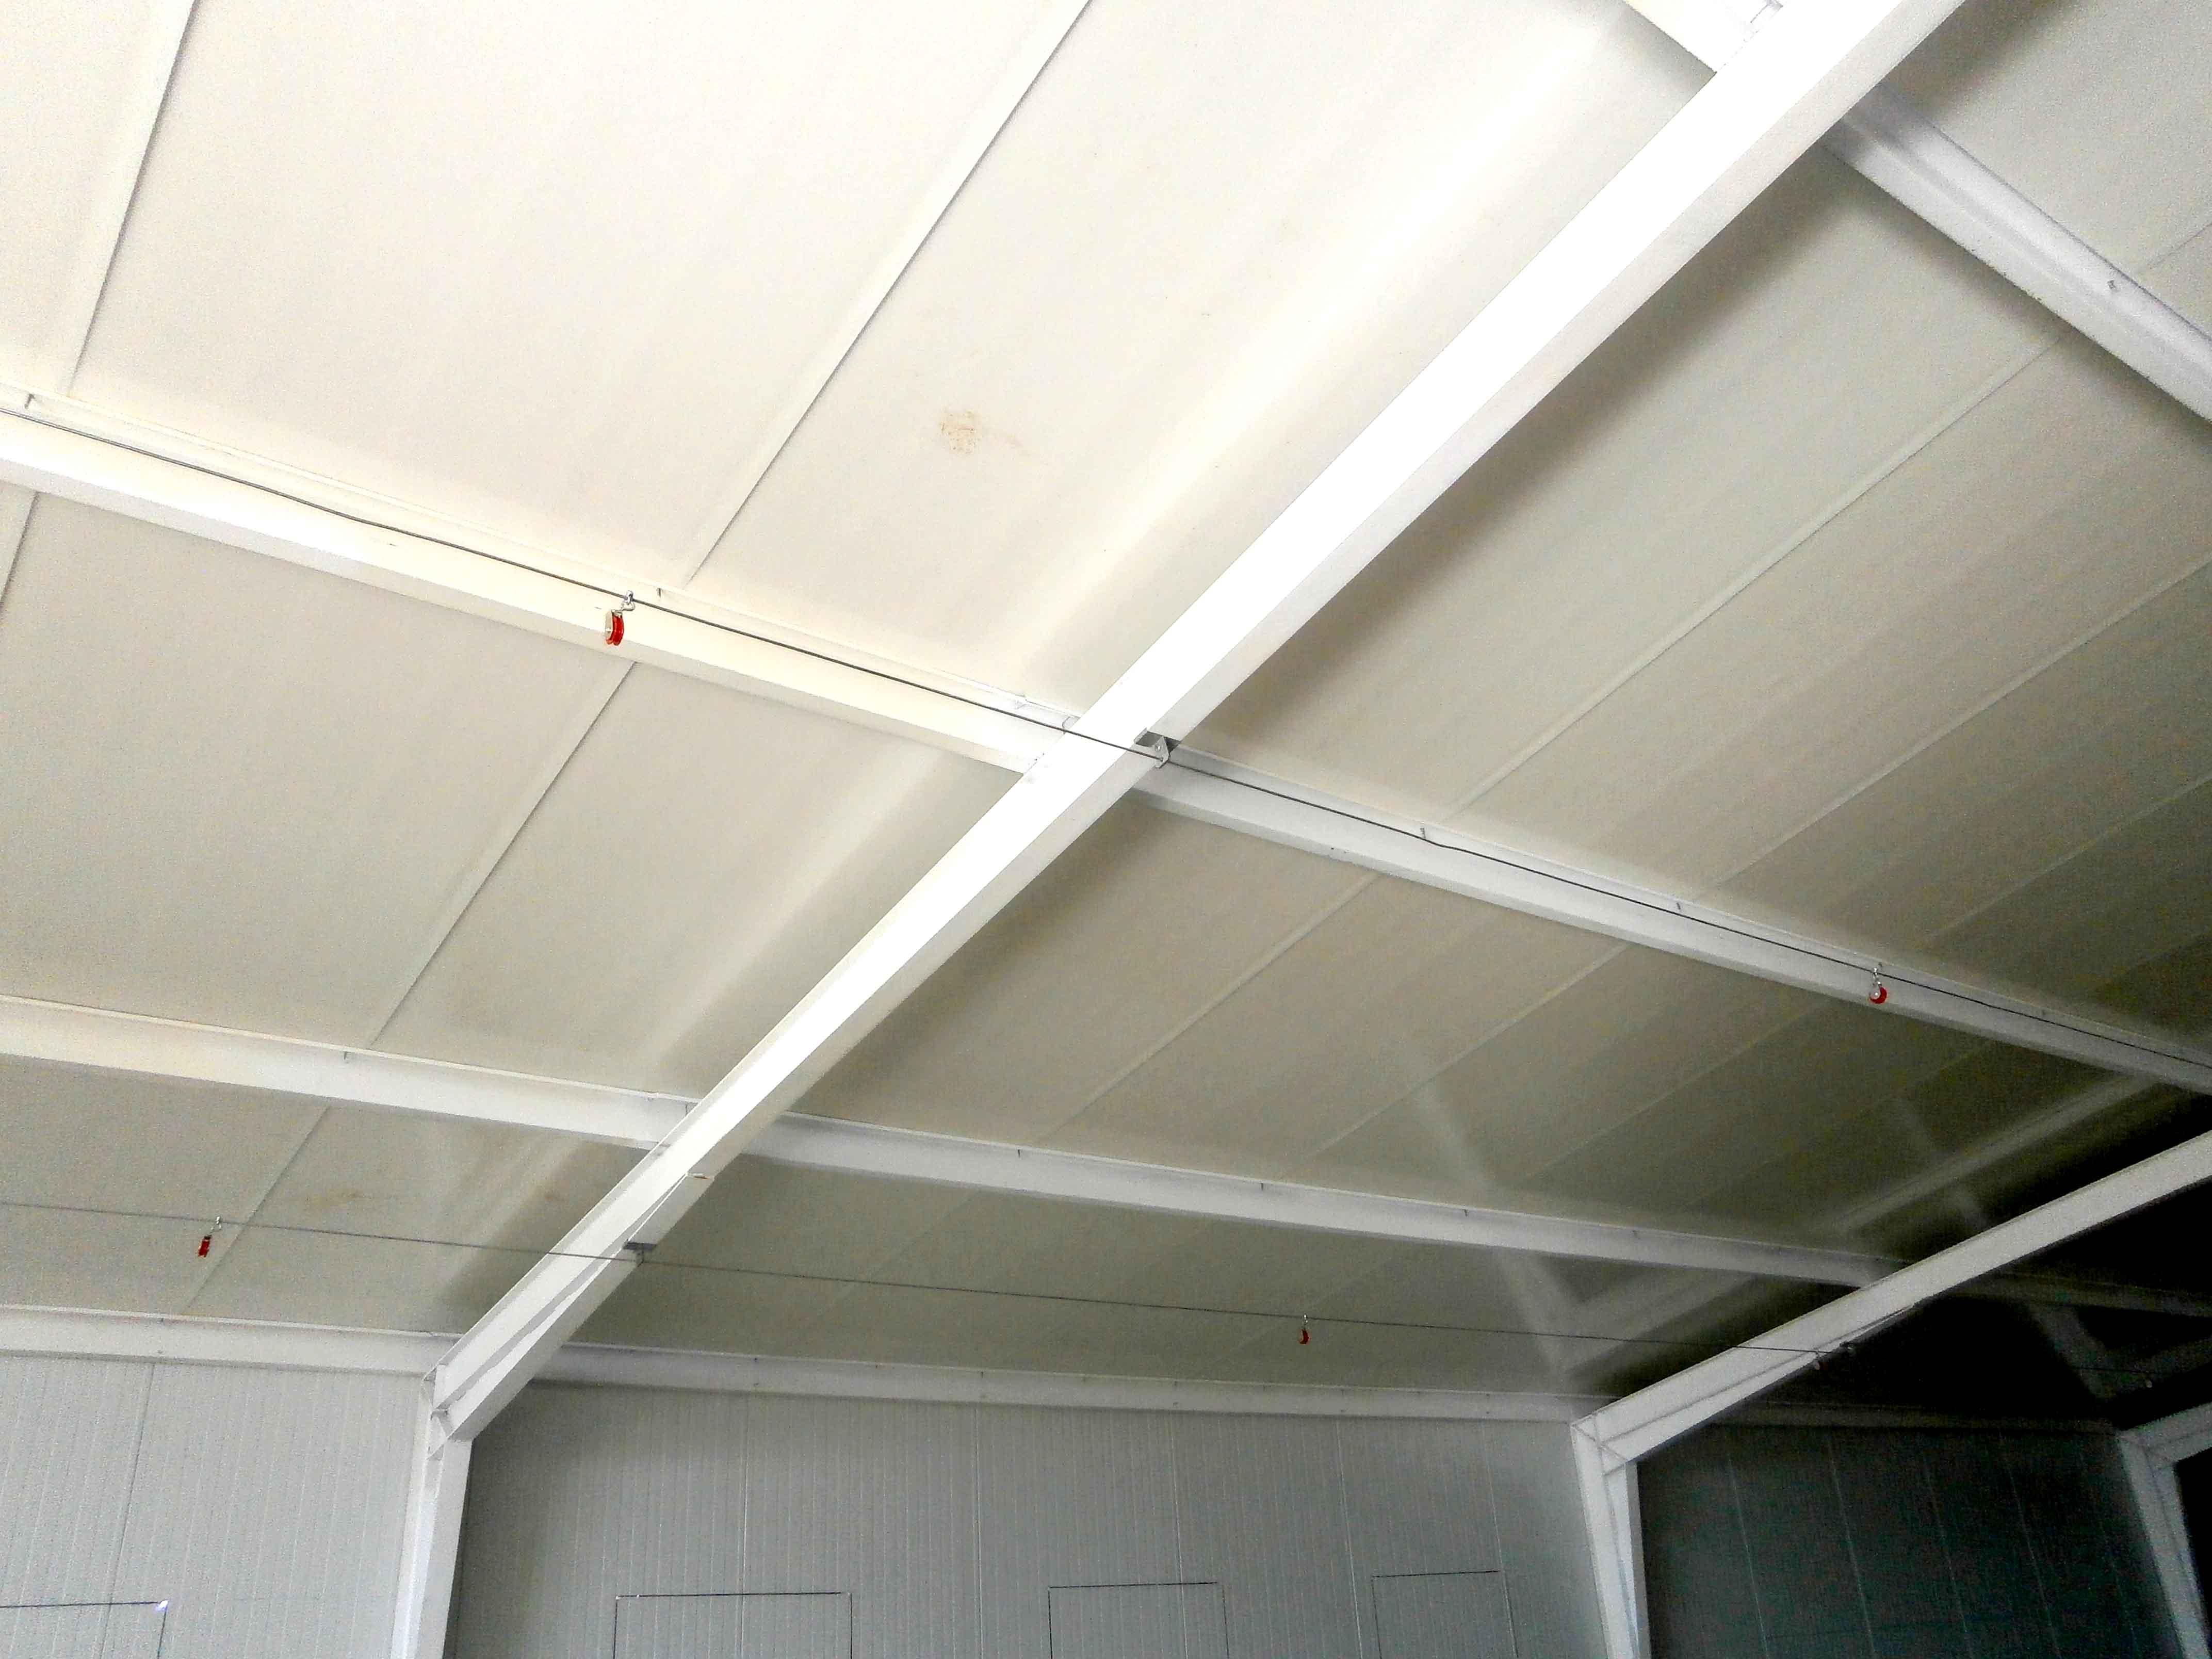 Granja avicola desde 42 m2 de nave grajas avicolas - Materiales para techos falsos ...